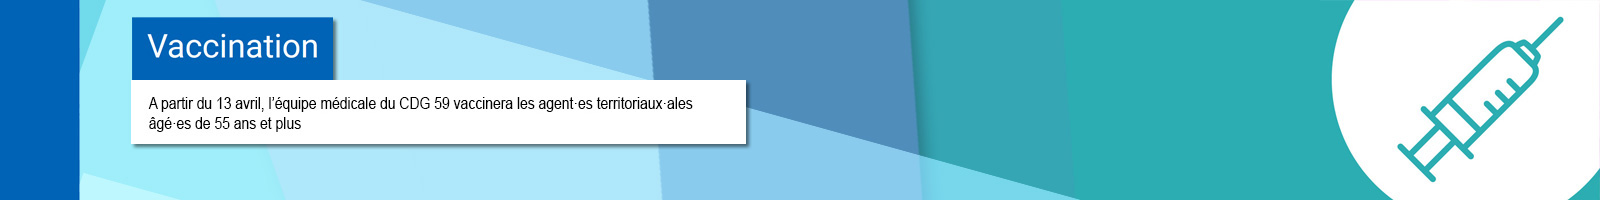 Bannière représentant un pictograme de seringue pour la campagne de vaccination avec la mention : A partir du 13 avril, l'équipe médicale du CDG 59 vaccinera les agent·es territoriaux·ales âgé·es de 55 ans et plus, présentant au moins un facteur de vulnérabilité